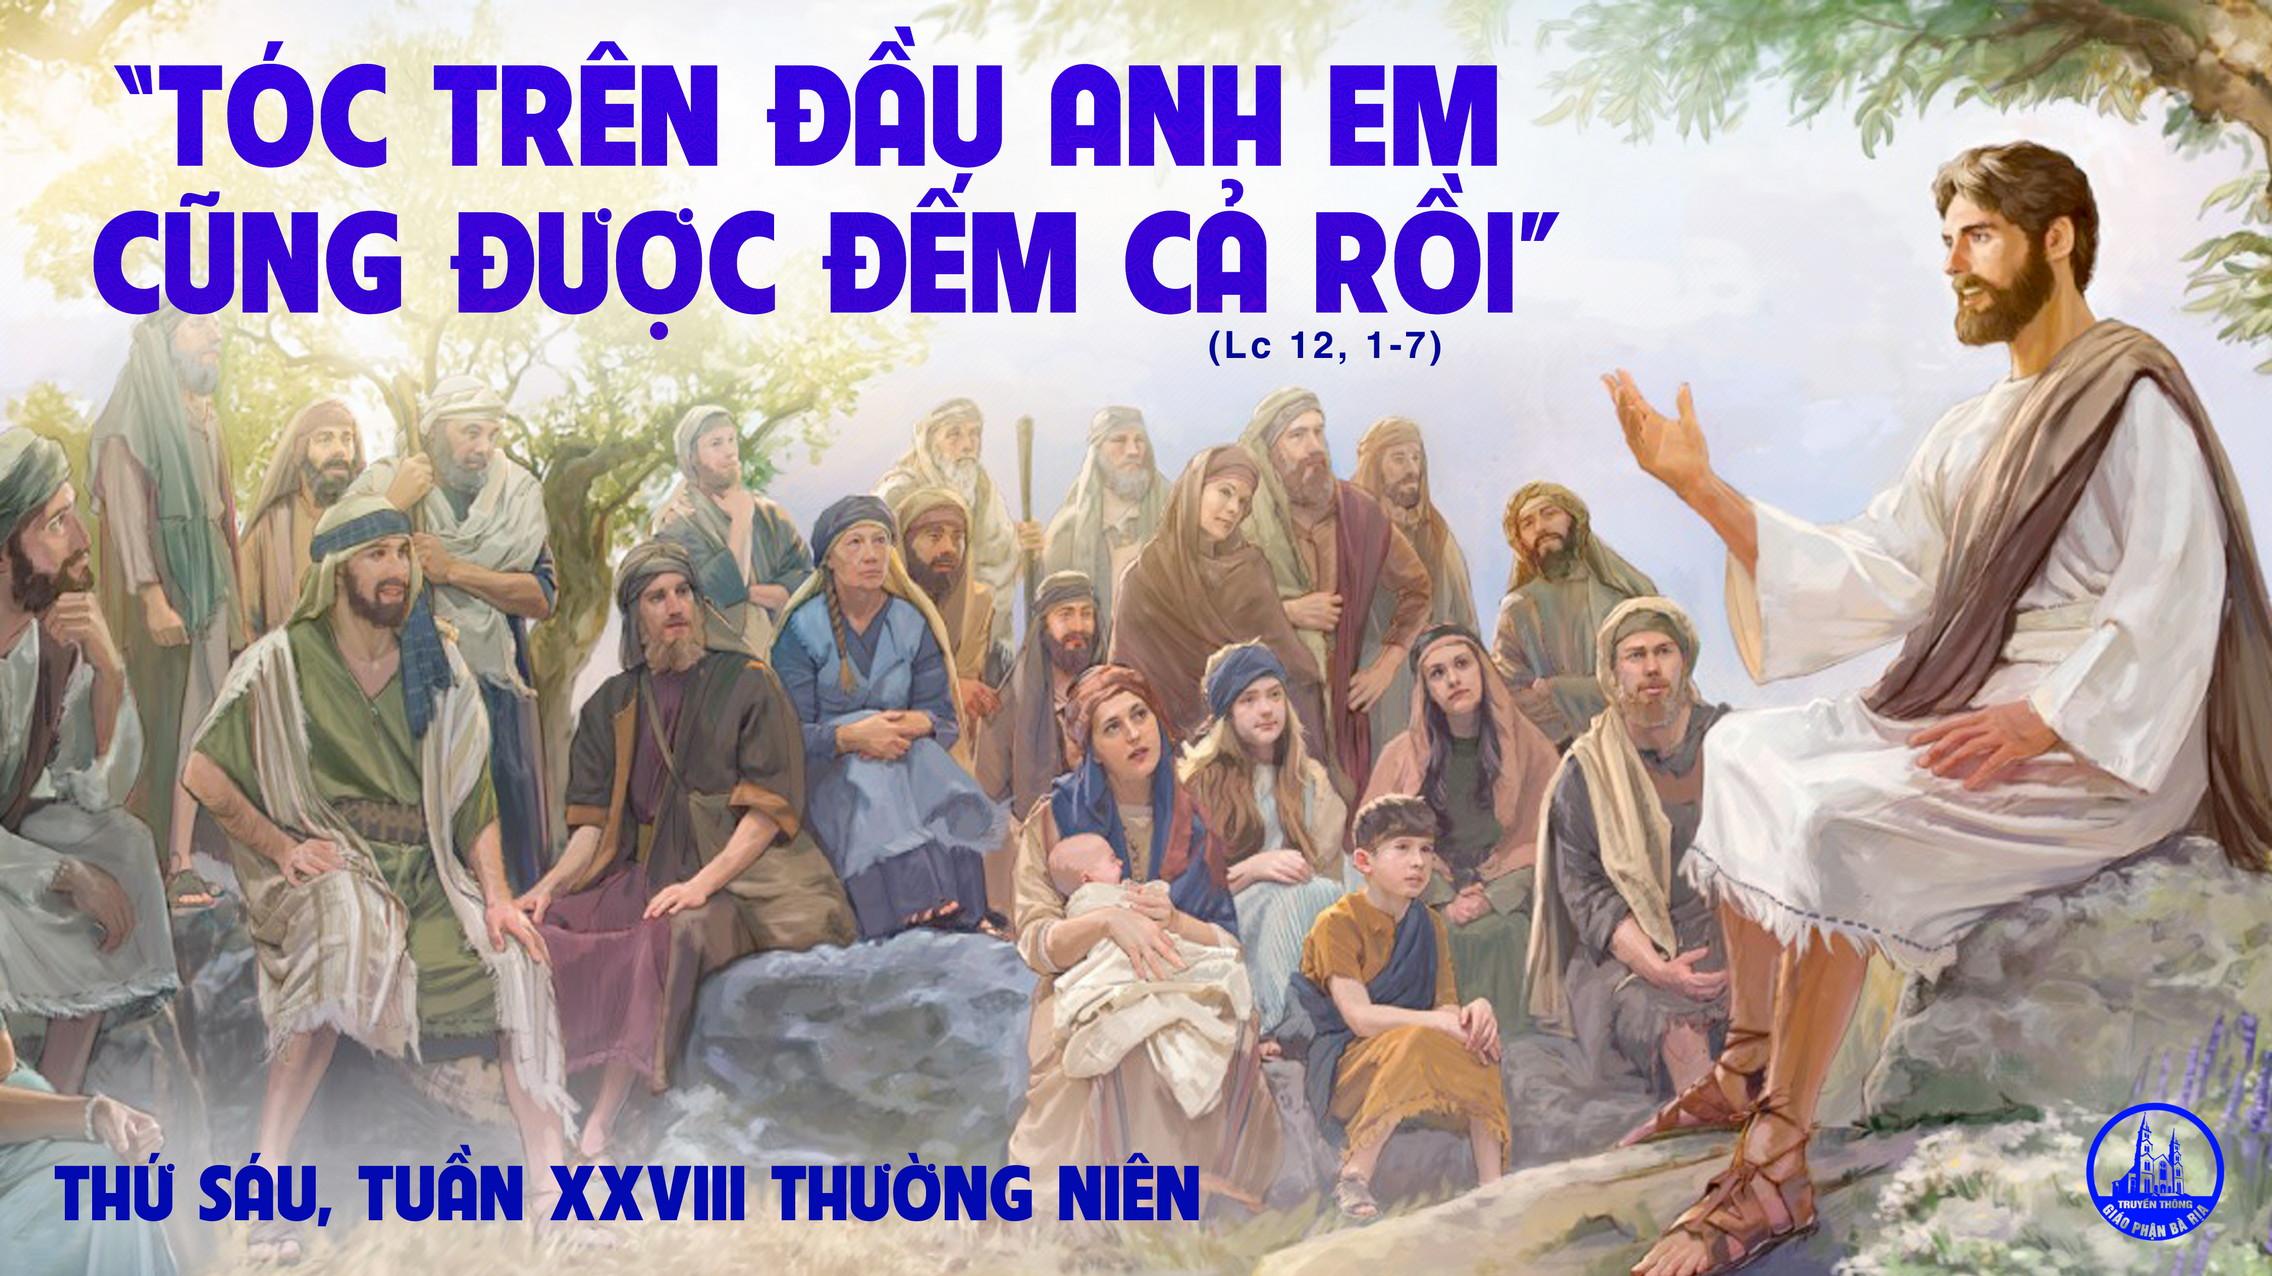 15.10 Thứ Sáu Tuần XXXIII Mùa Thường Niên Năm lẻ